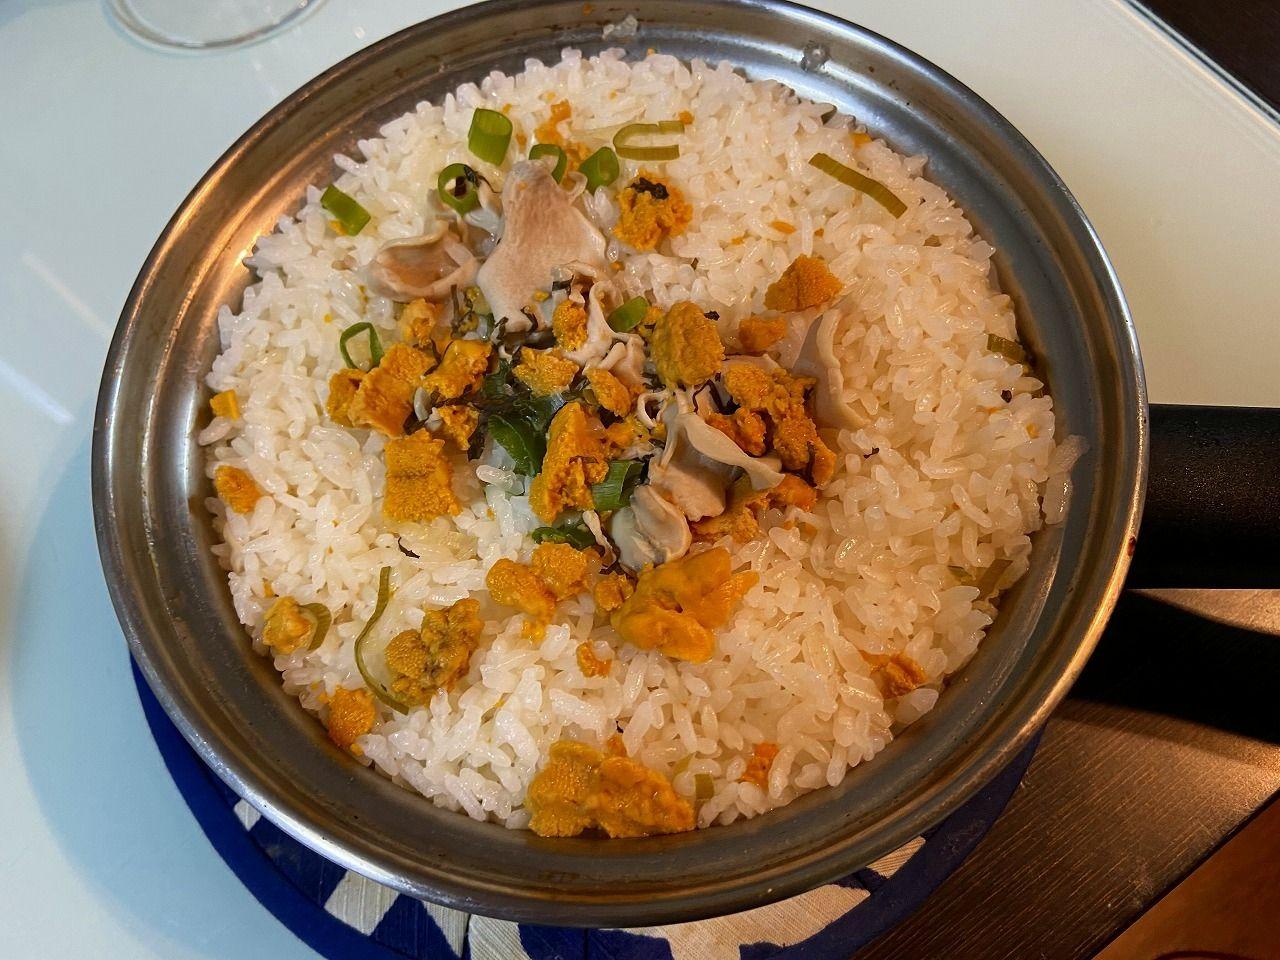 八戸周辺のウニとアワビといった海の恵みを豪快に盛って浜辺で食べた煮付け料理をルーツに持つ「いちご煮」の缶詰を使った炊き込みご飯